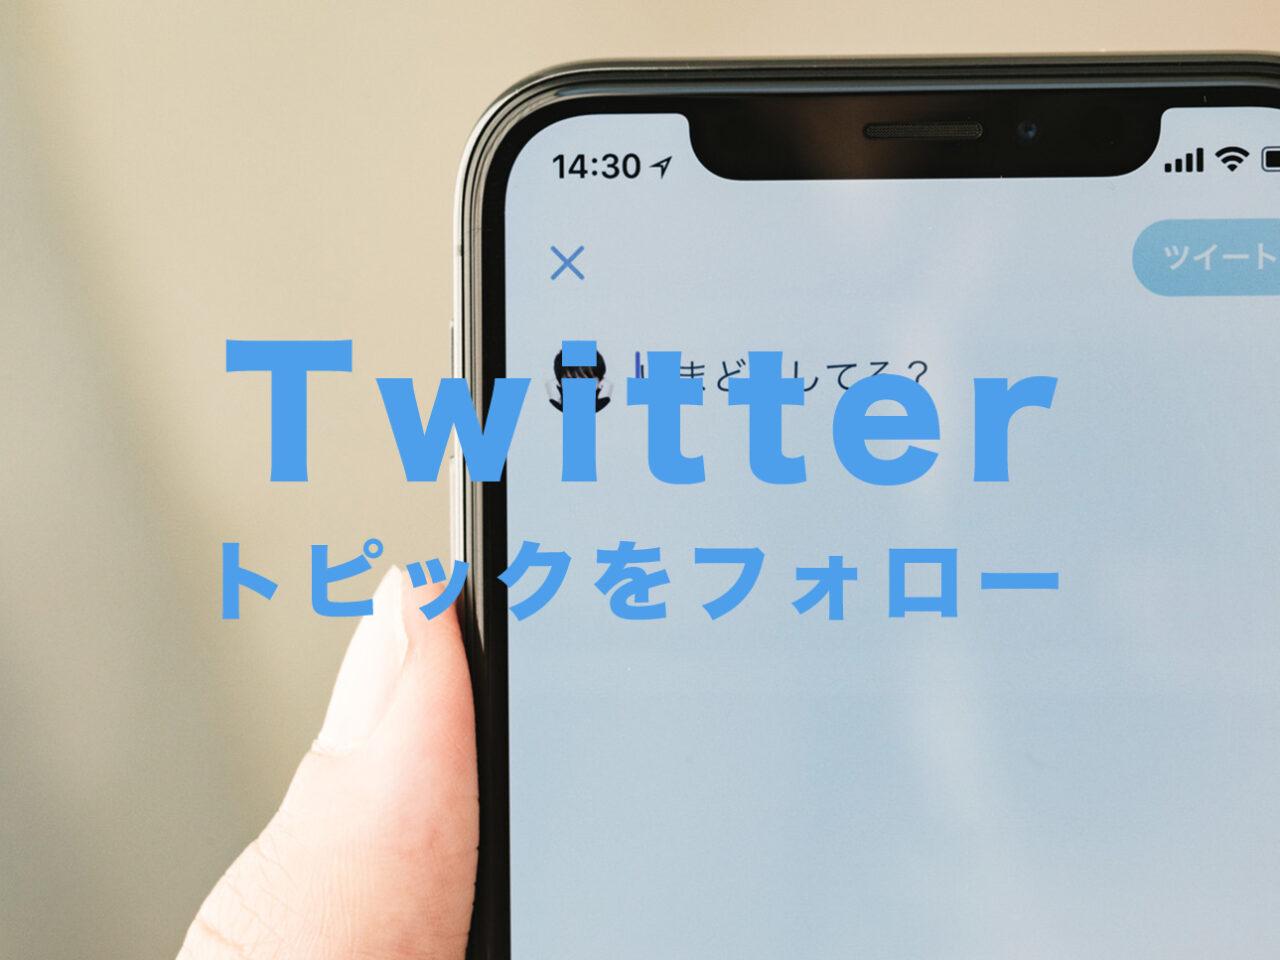 Twitter(ツイッター)でトピックとは?うざい&邪魔、興味なしにしても出てくる場合に対処法はある?のサムネイル画像